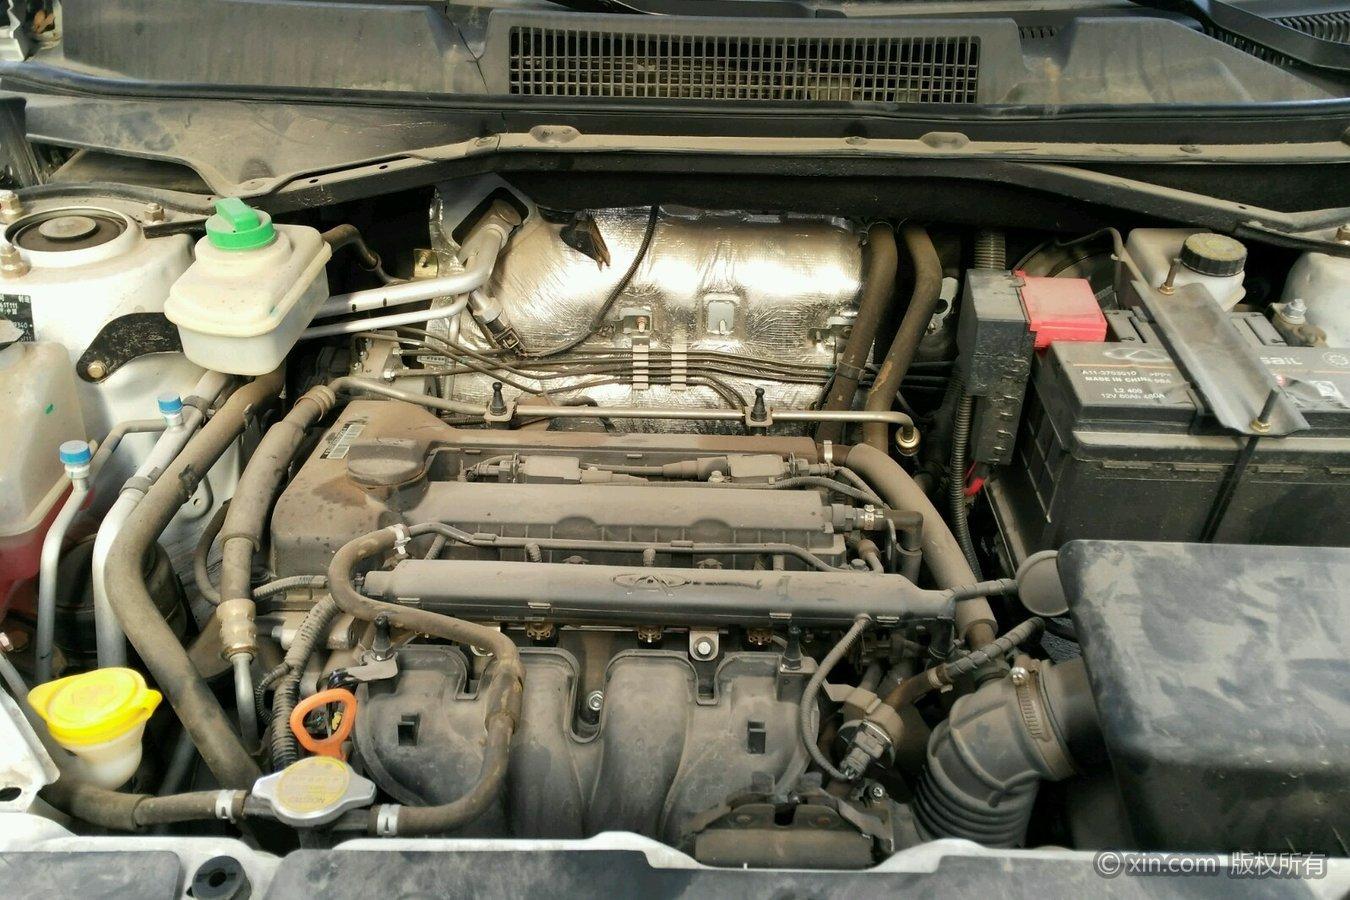 奇瑞瑞虎5发动机号位置 11年奇瑞瑞虎发动机号在什么位置